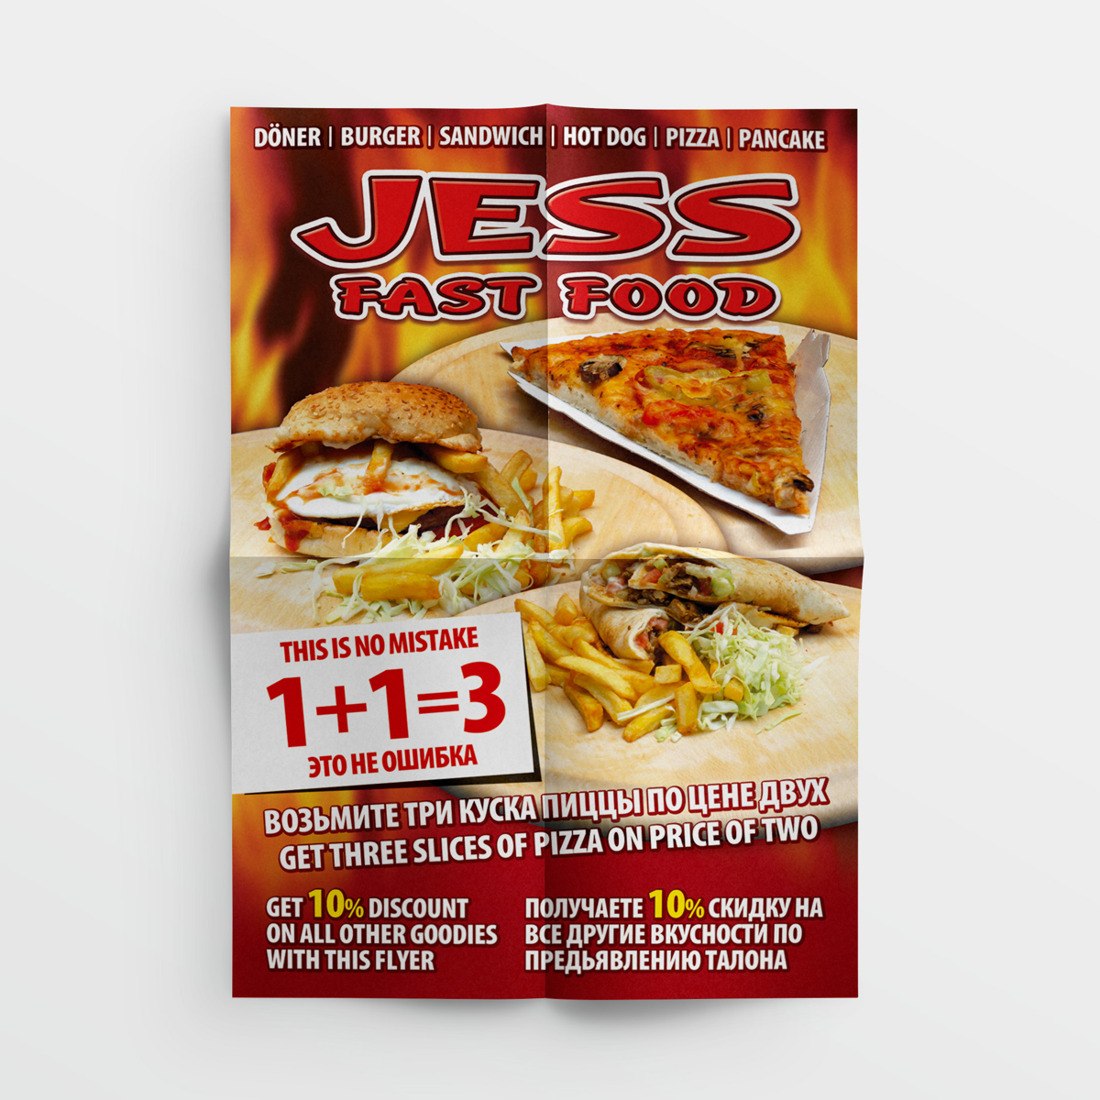 Flyer StudioDES Jess front